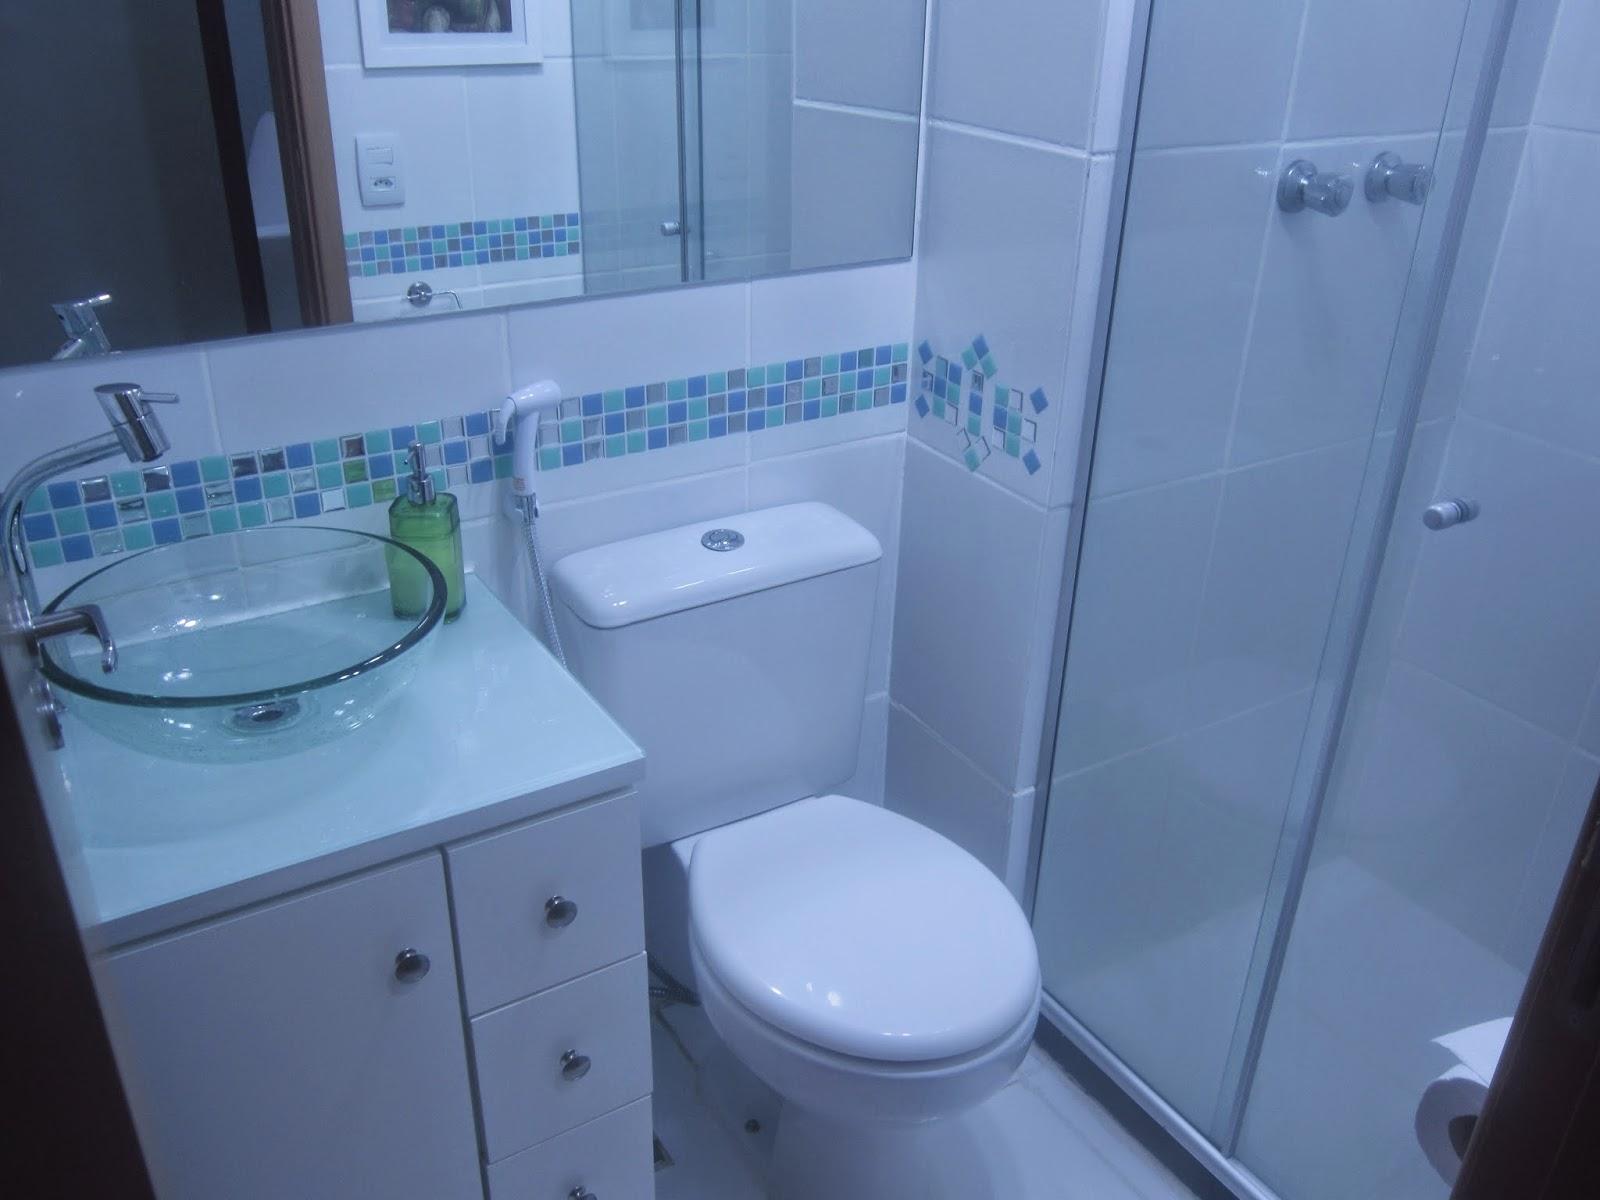 Cafofo Sonhado: Decorando banheiros pequenos: 2 banheiros 2m² cada  #2652A5 1600 1200